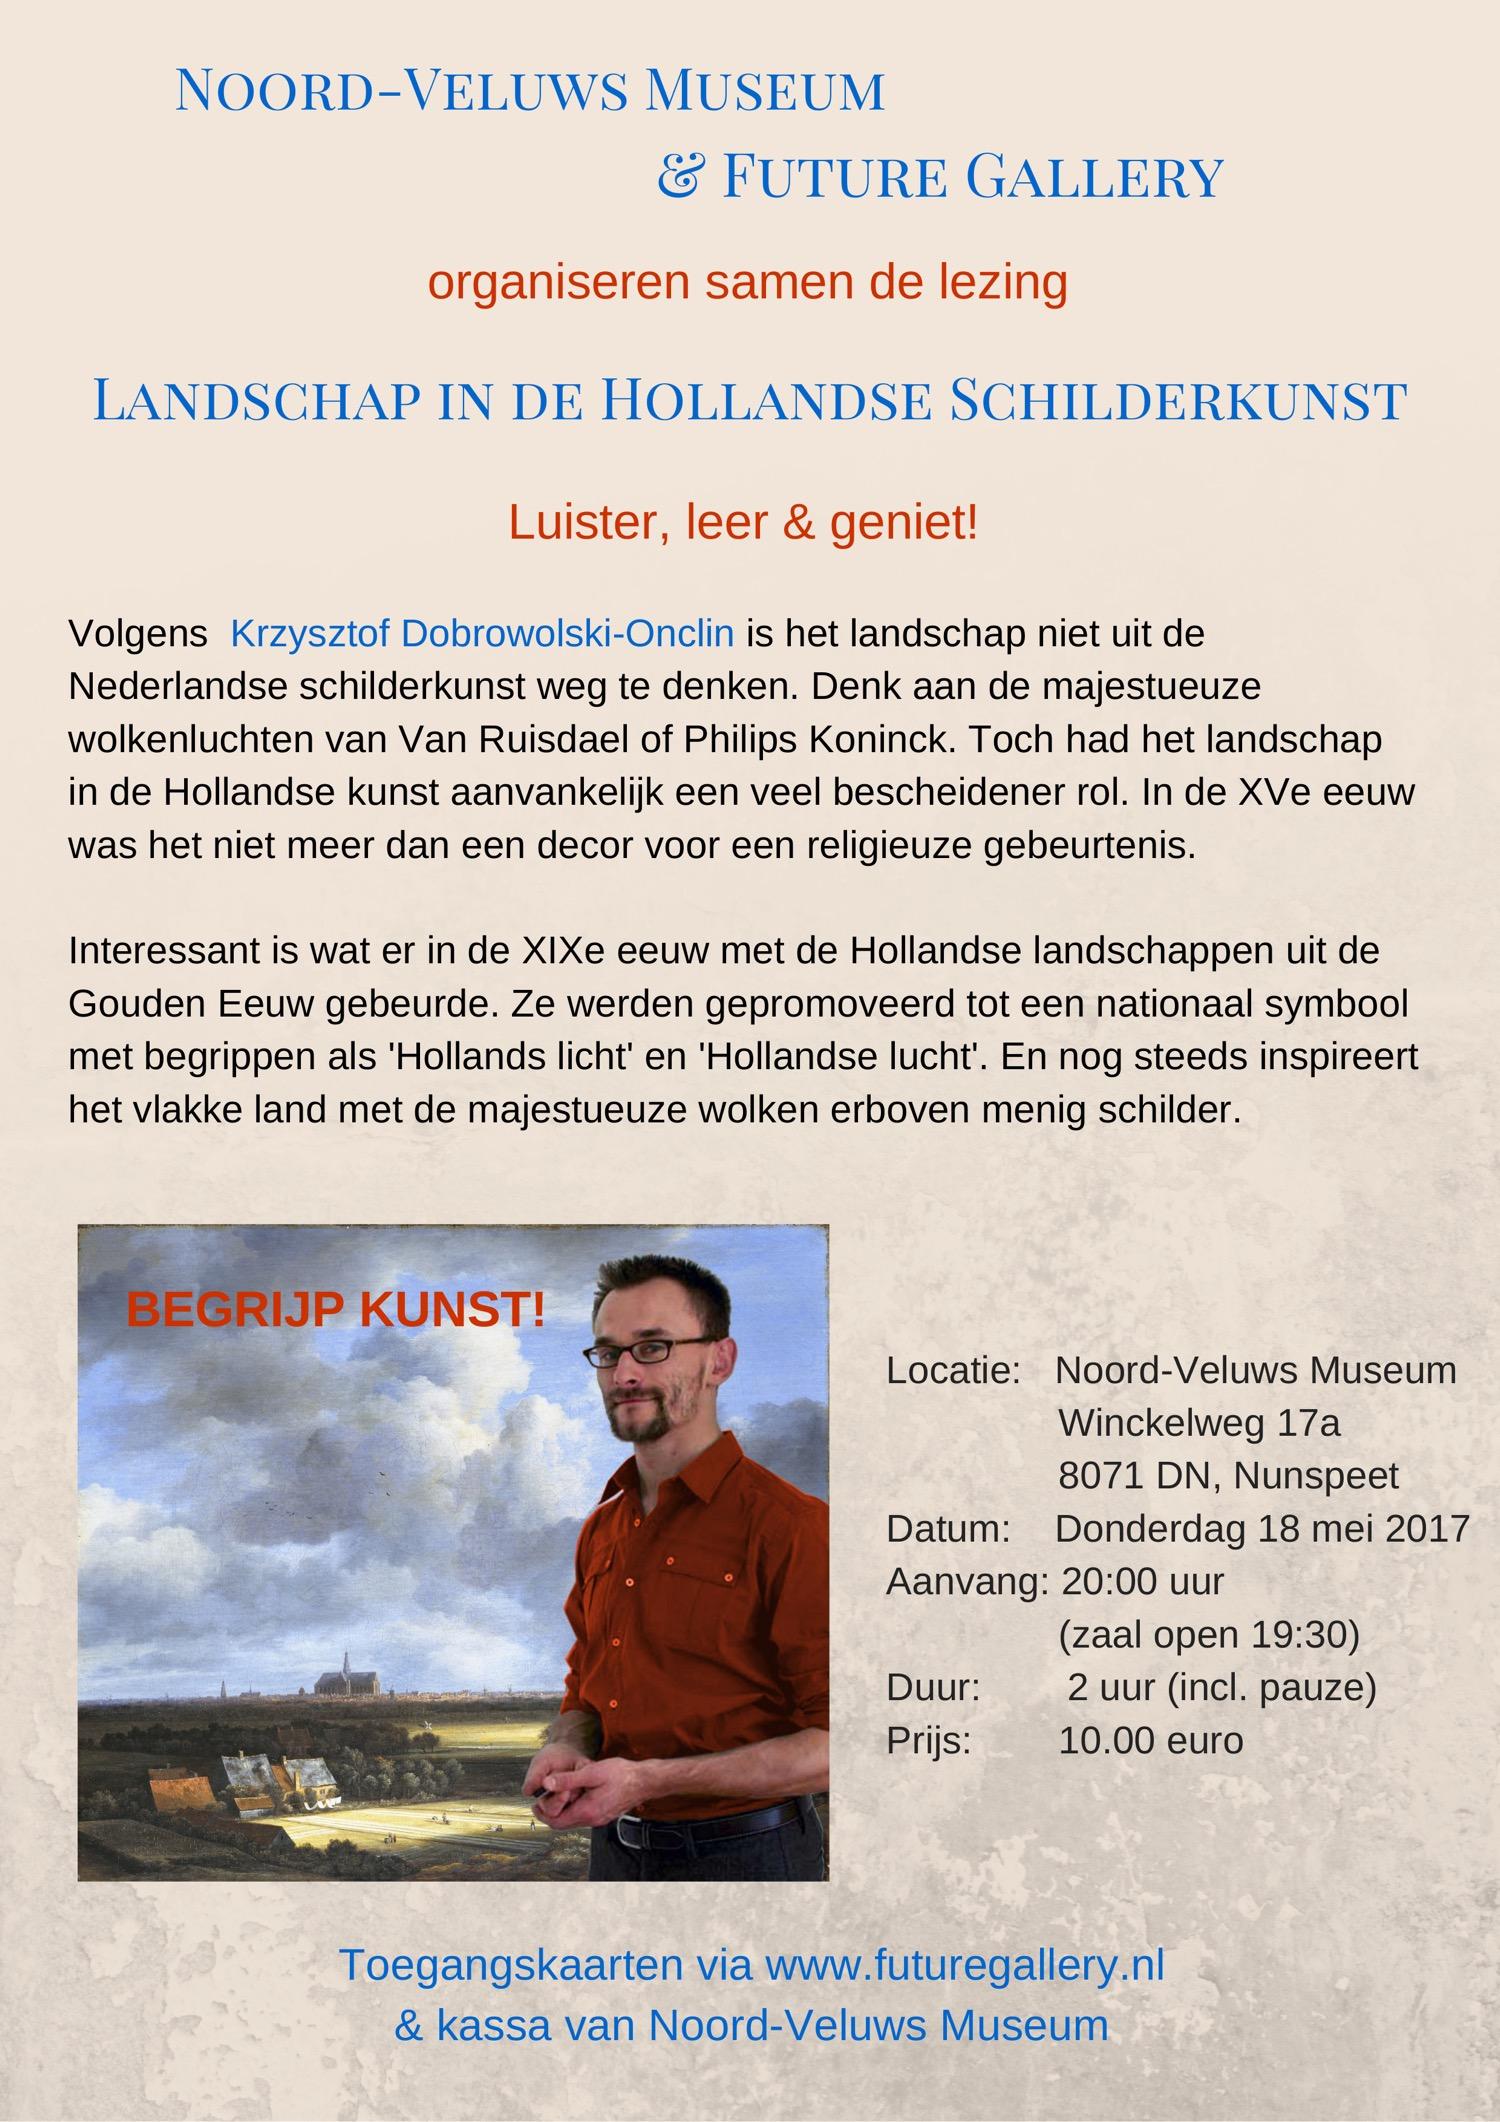 Landschap in de Hollandse Schilderkunst